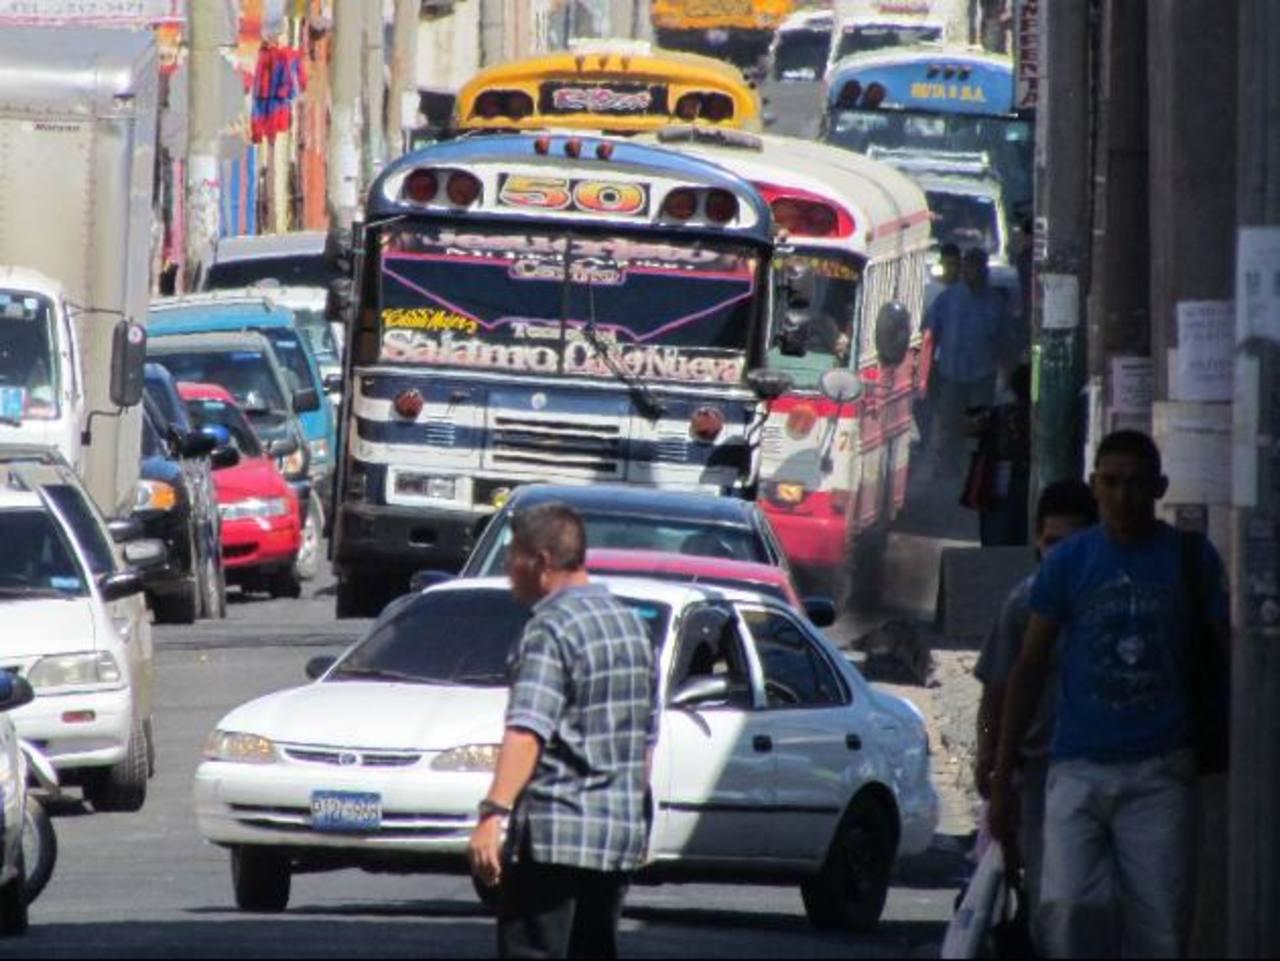 La imagen refleja el desorden que se produce en una de las principales calles de la ciudad. Foto EDH / Mauricio Guevara